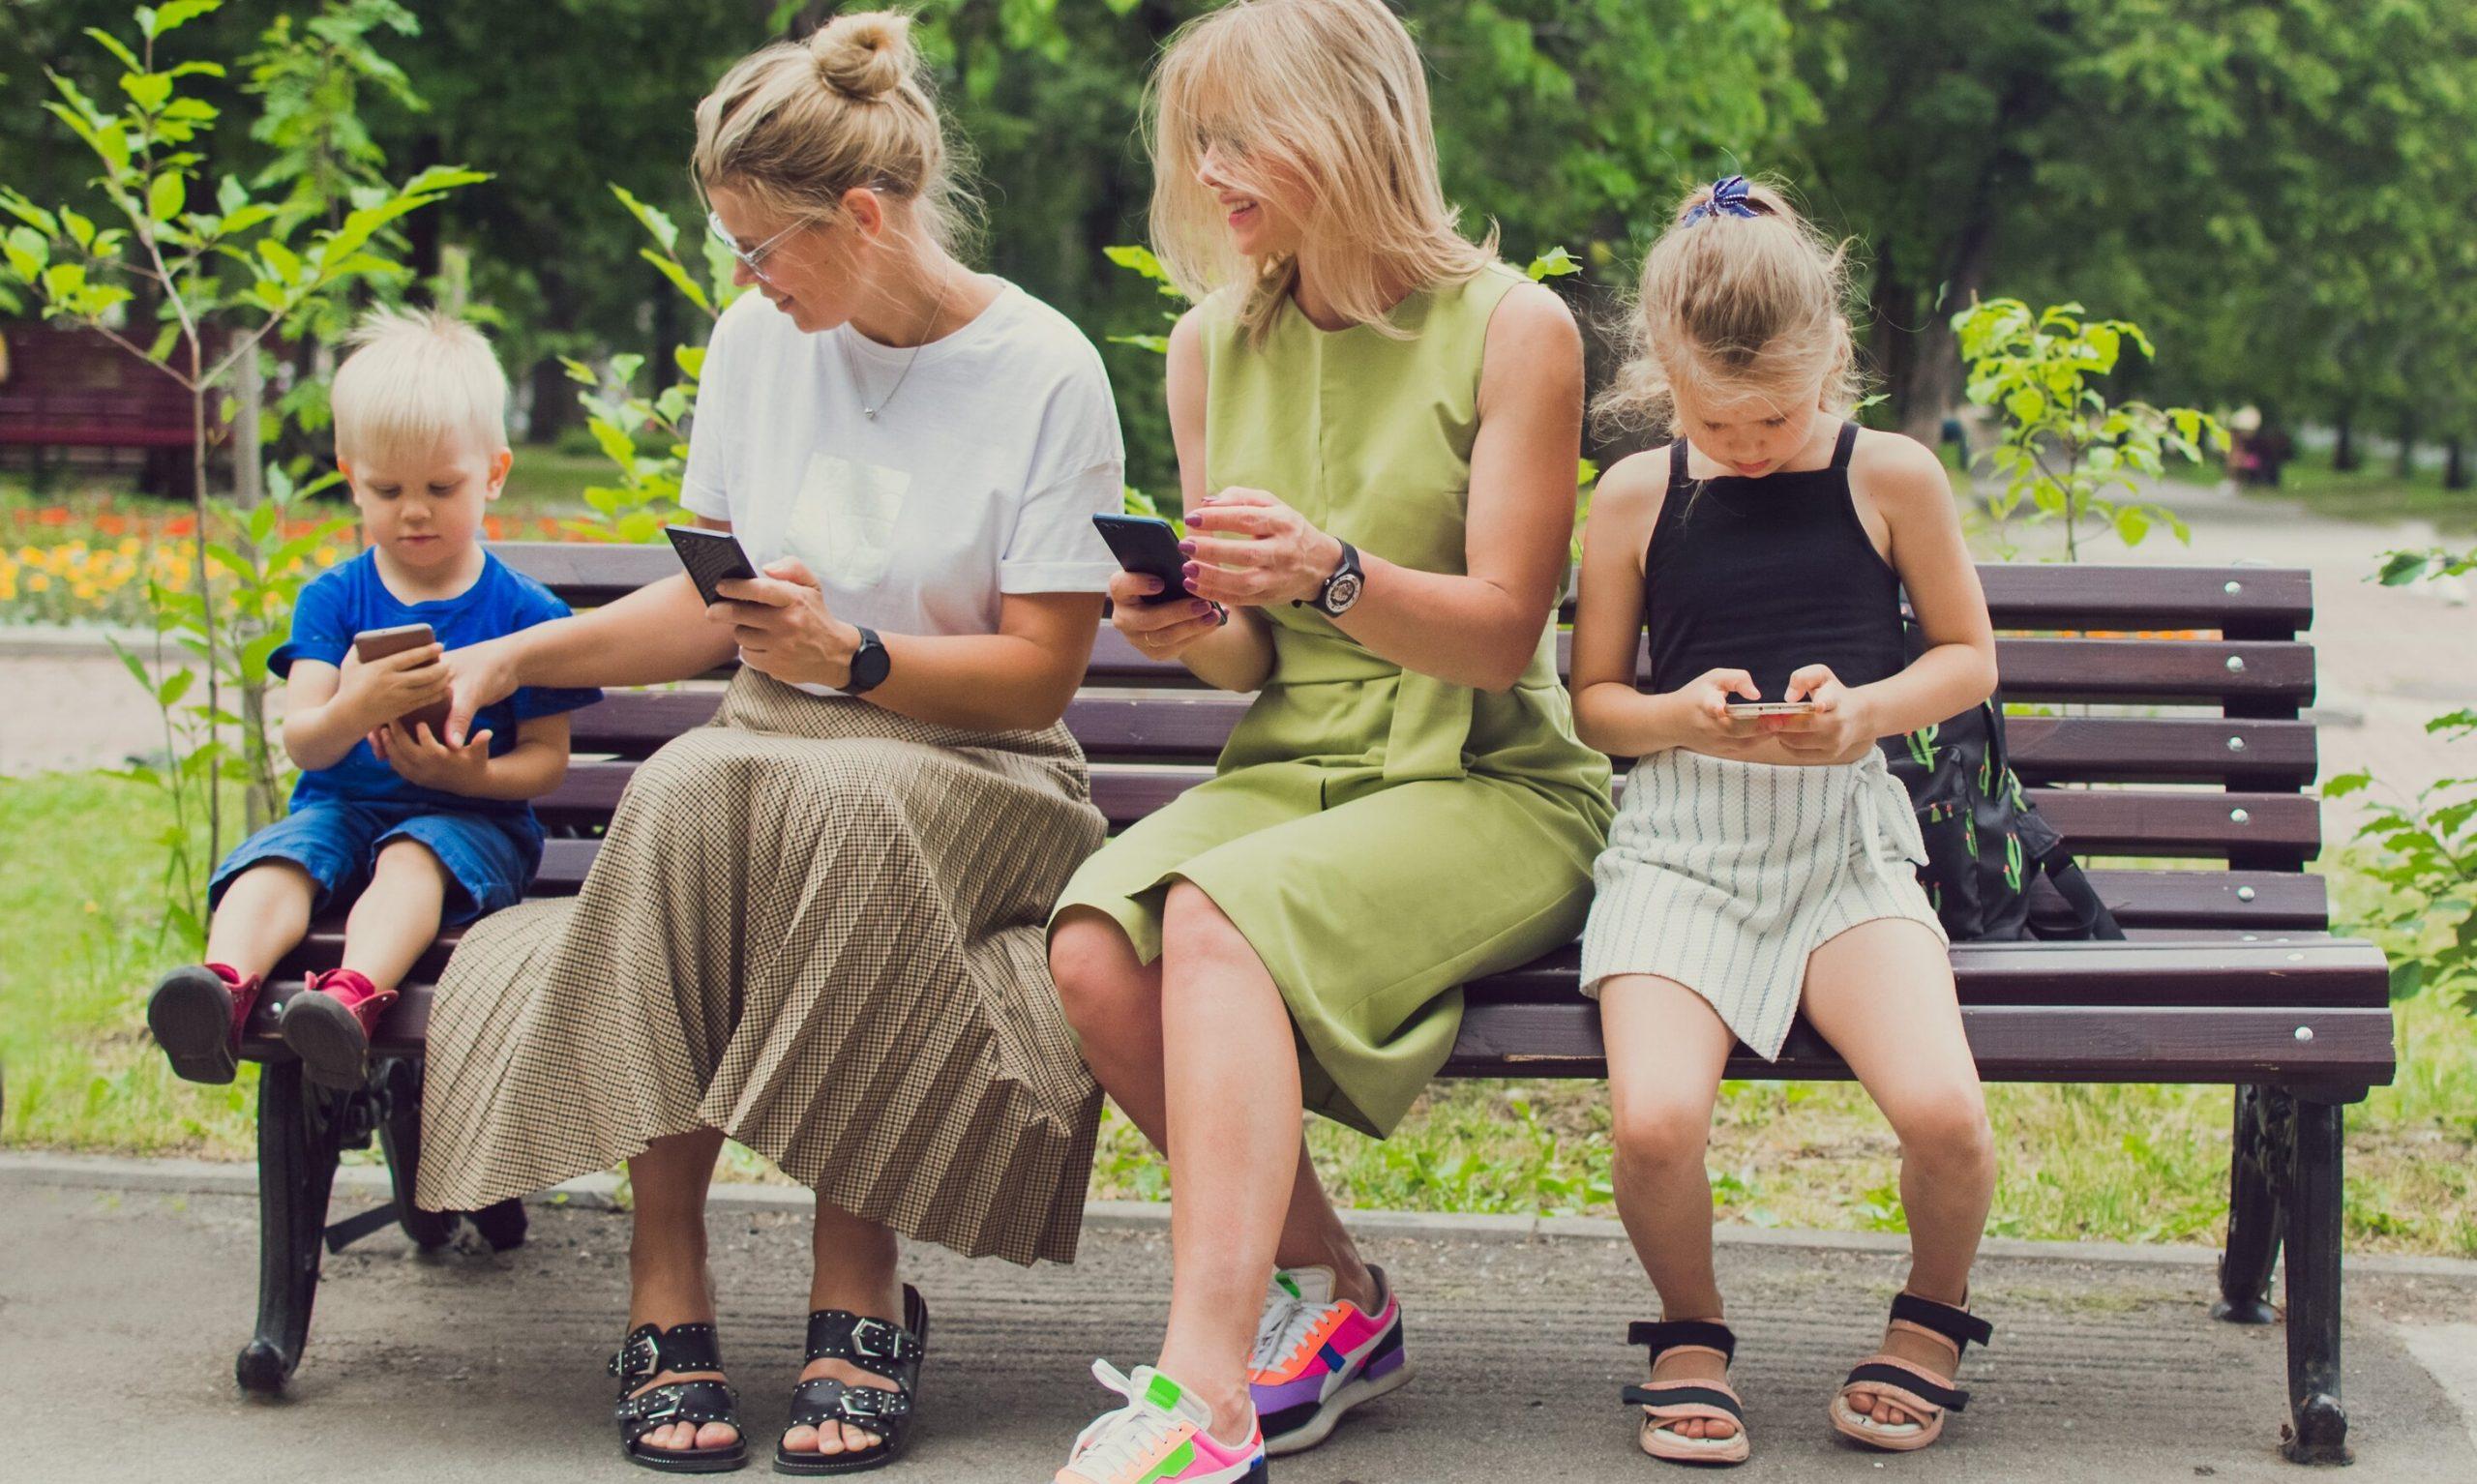 Generația Z, de la Zombi: Tineri mai puțin educați, deprimați, fără valori, dependenți de tehnologie